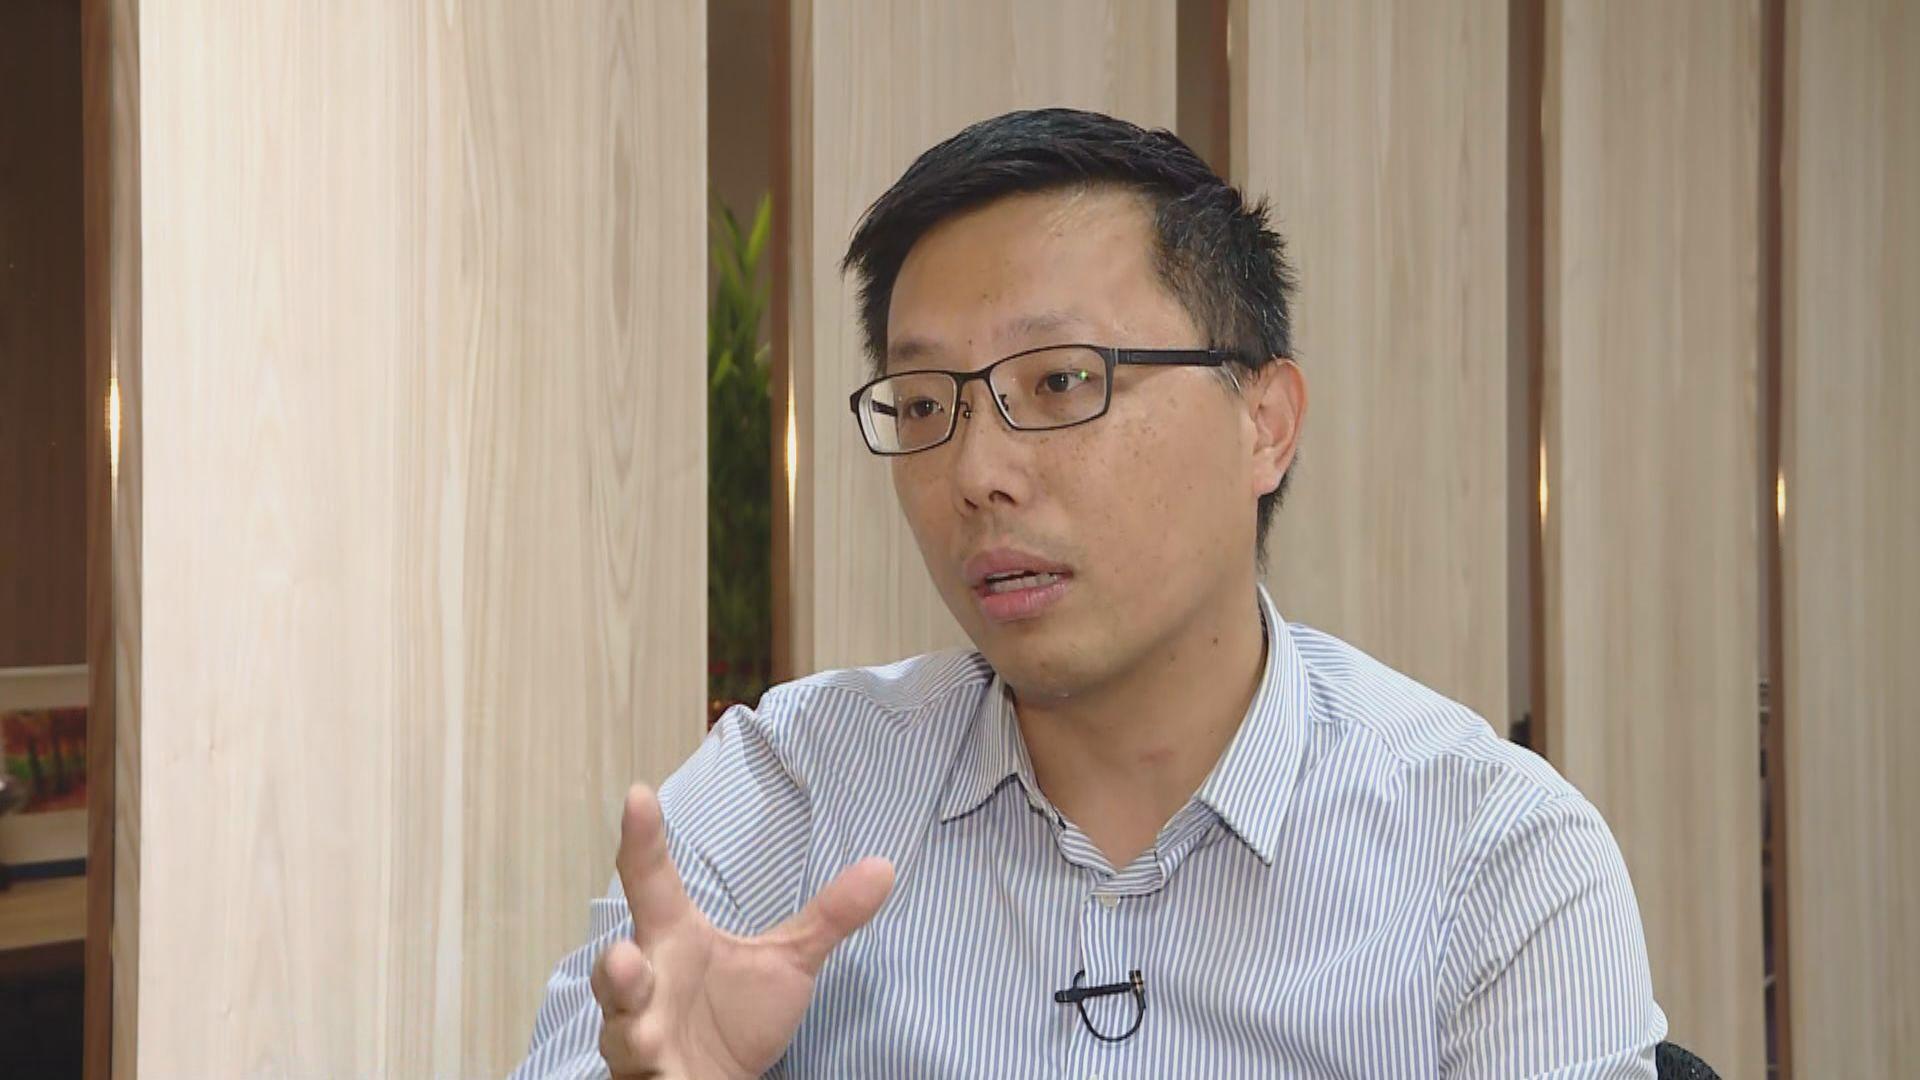 台灣律師憂台港無司法互助 審訊時證供或受質疑